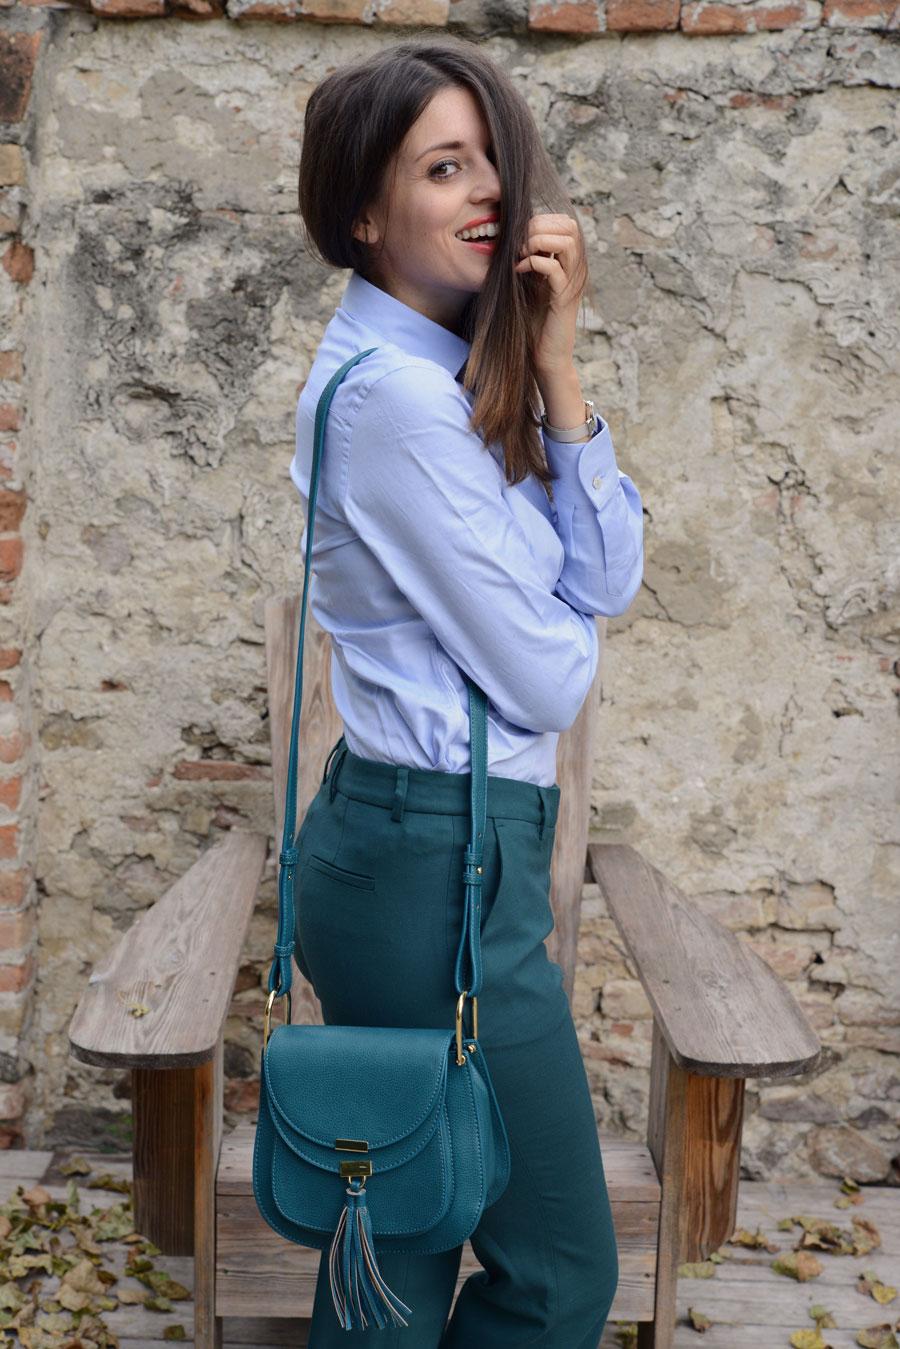 migliori marche ottimi prezzi completo nelle specifiche Camicia azzurra: trend 2016